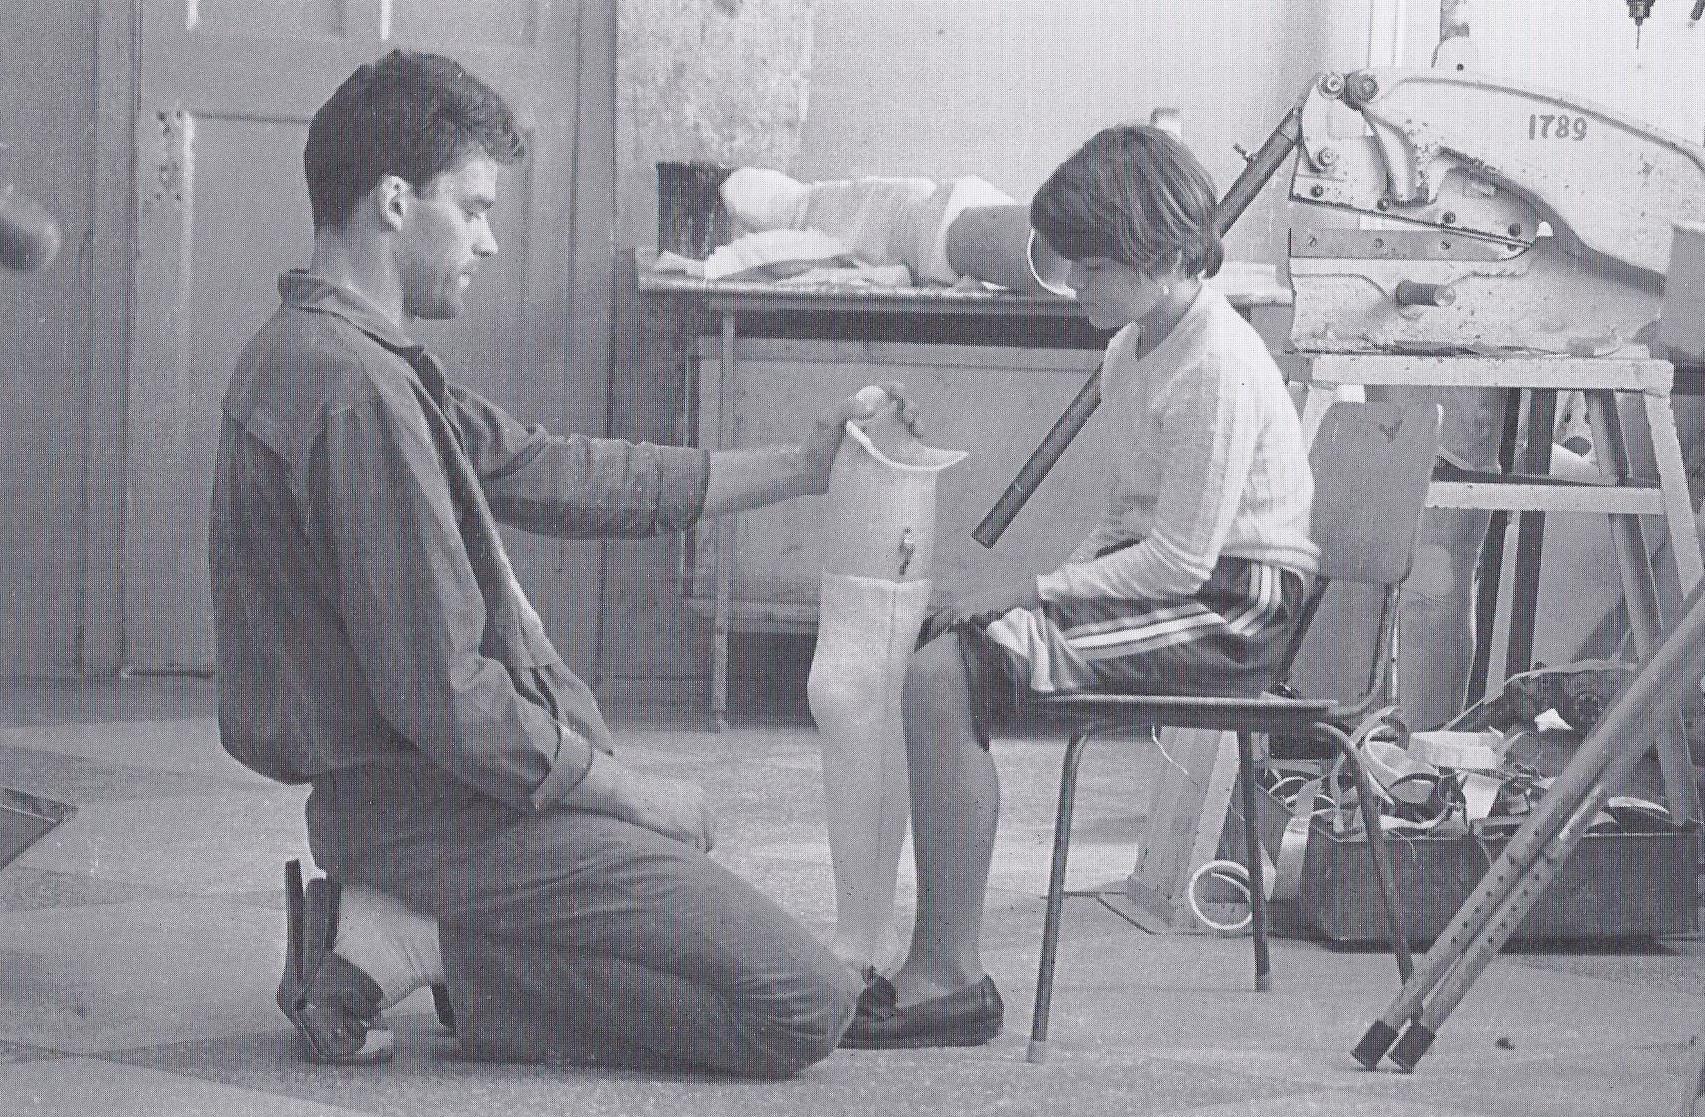 Valyas Prothese ist fast fertig. Prothesenmechaniker Sergej zeigt das künstliche Bein. (1995)